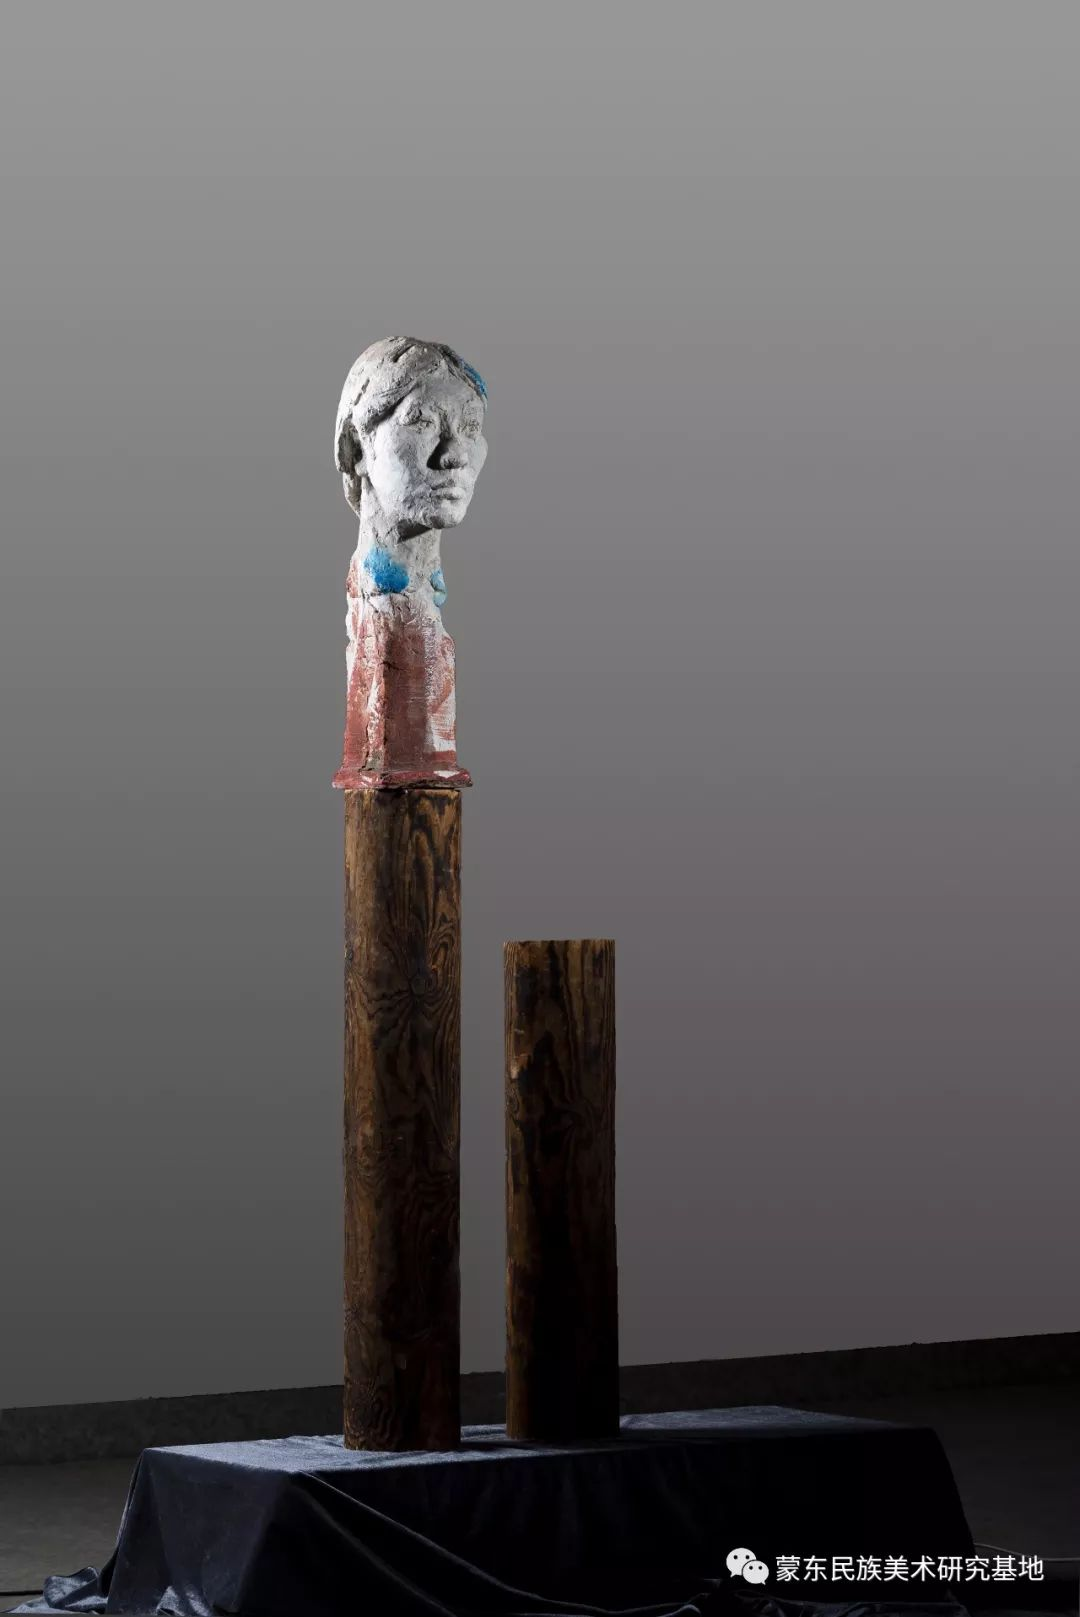 包格日乐吐作品——头像雕塑系列(一) 第4张 包格日乐吐作品——头像雕塑系列(一) 蒙古画廊